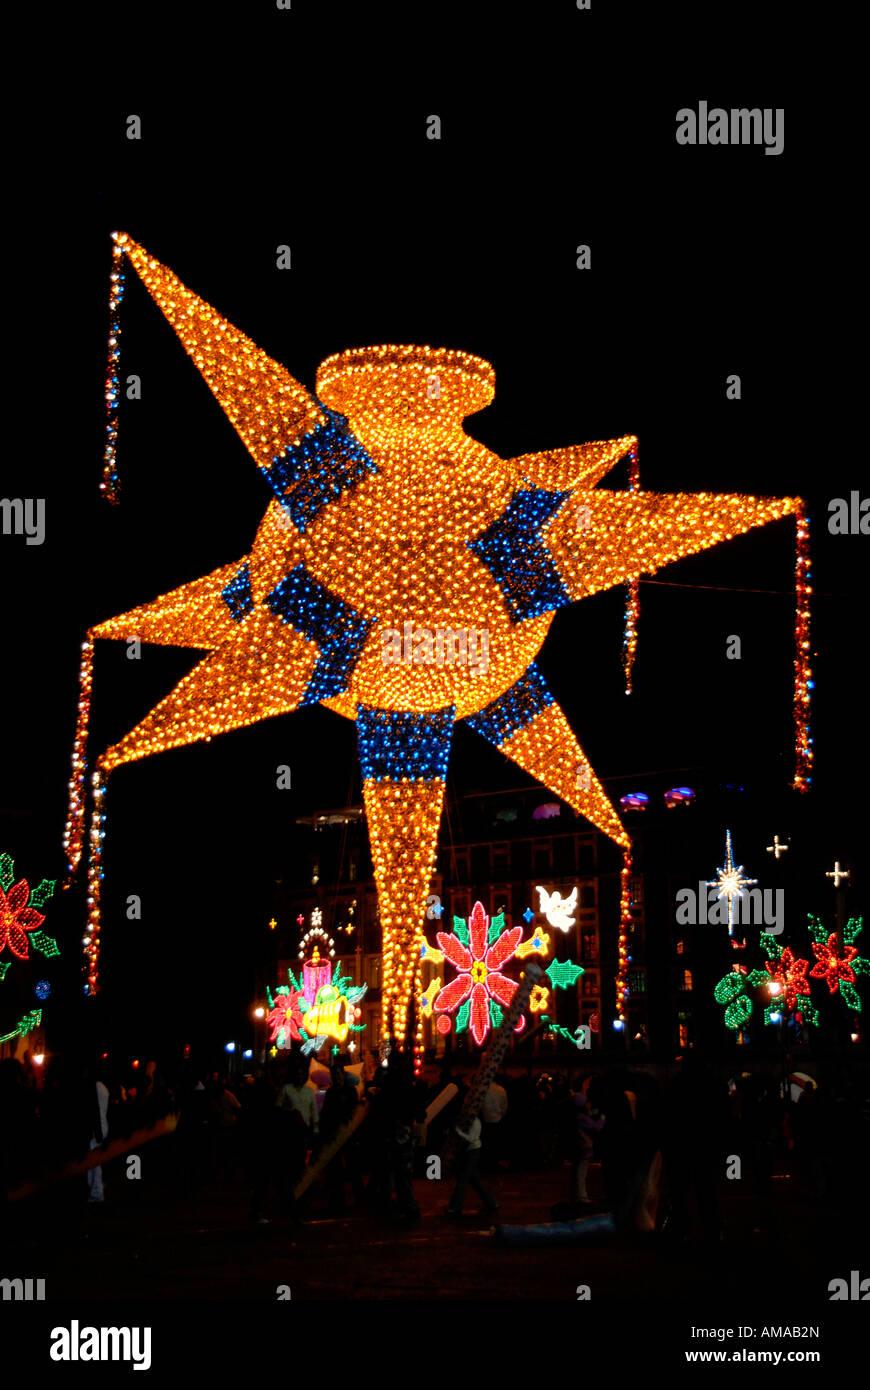 feliz navidad mexico stock photos & feliz navidad mexico stock